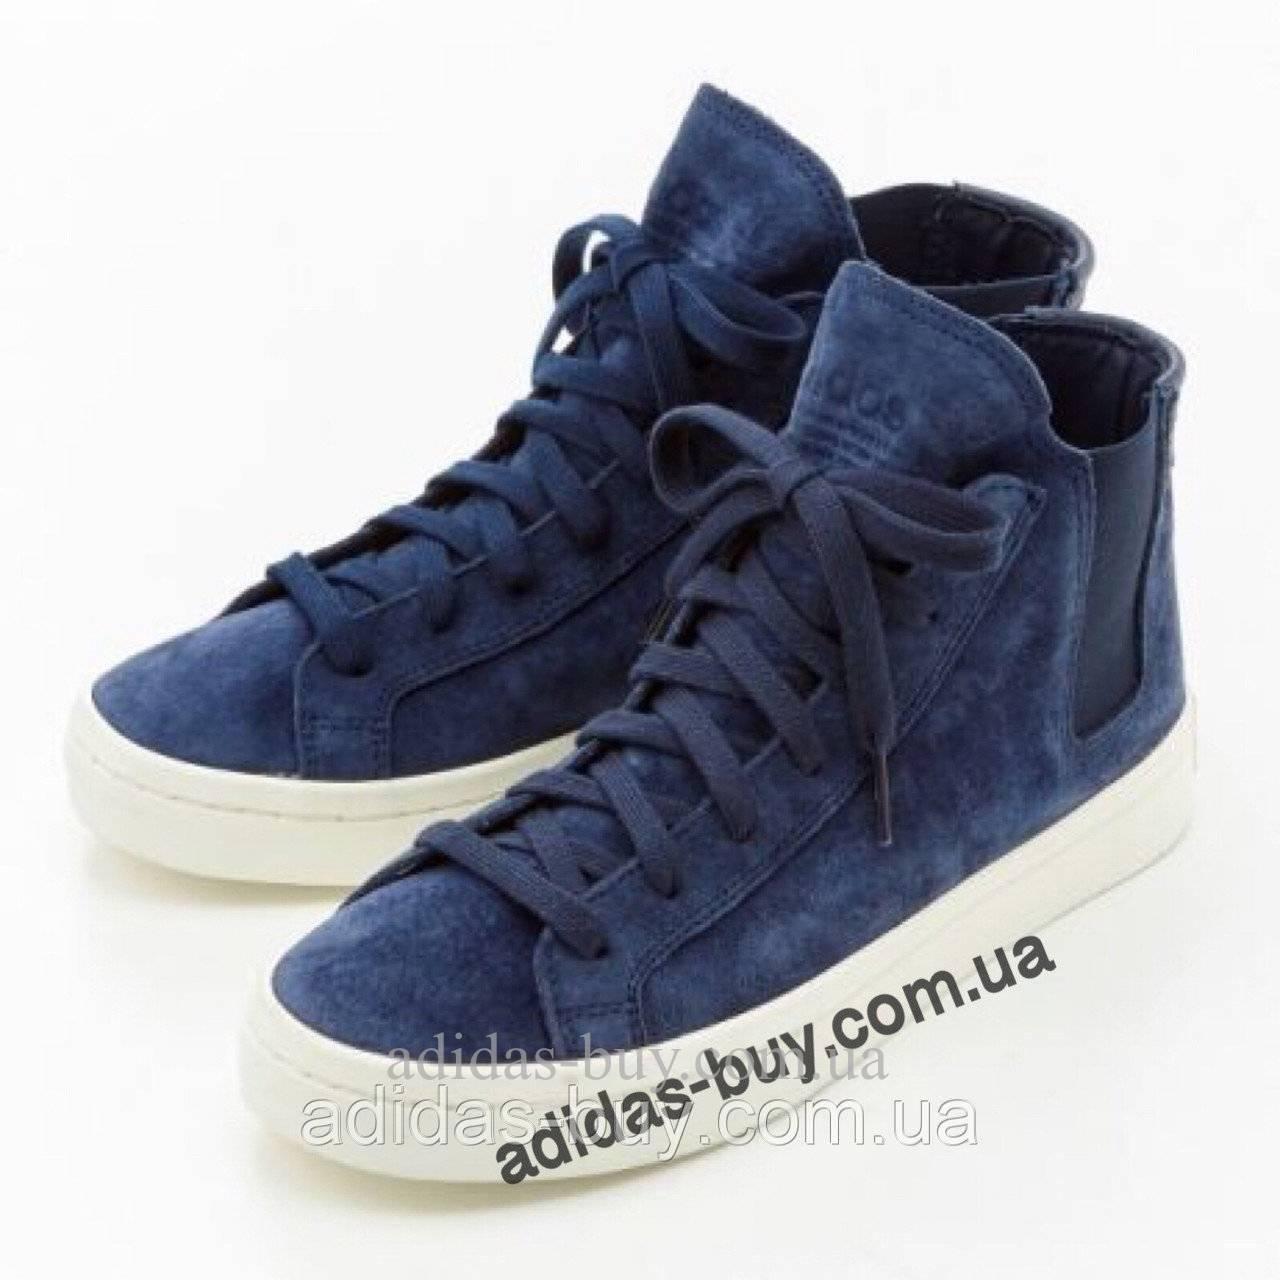 Кроссовки кеды женские оригинал adidas COURTVANTAGE из замша S79959 цвет: синий из замша сезон:весна 37 размер